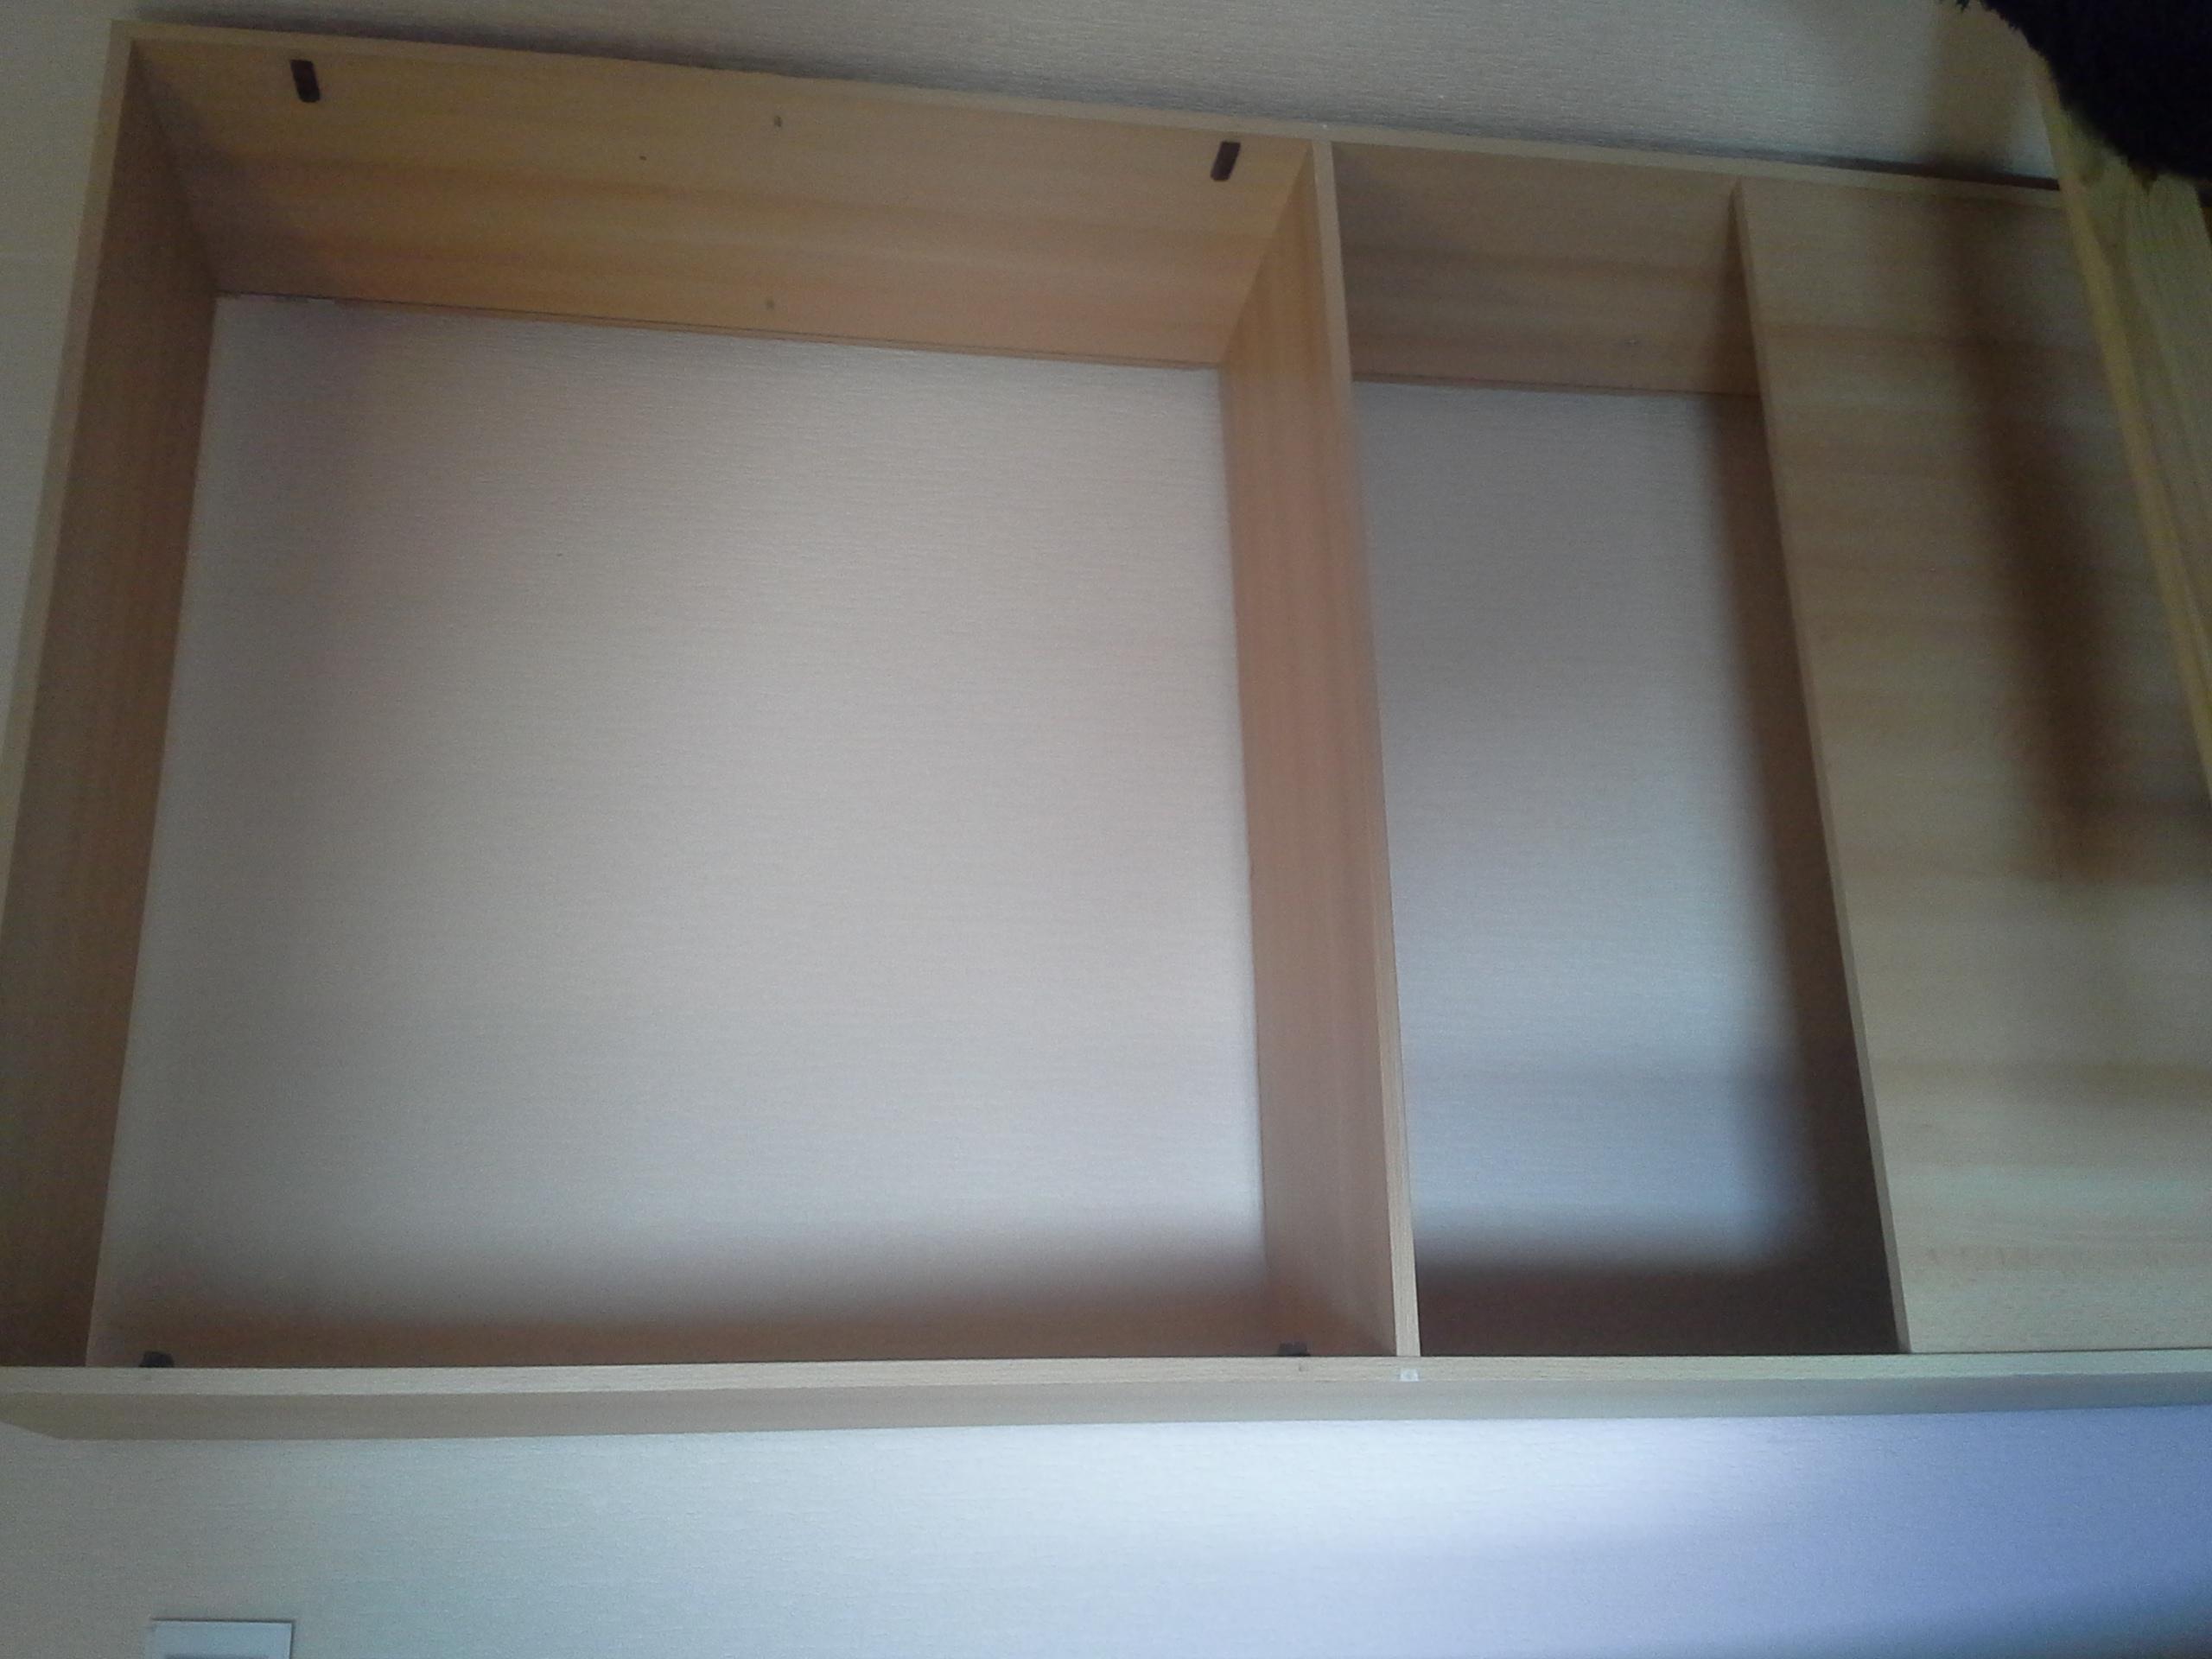 wie baue ich den schrank ab ohje abbauen. Black Bedroom Furniture Sets. Home Design Ideas